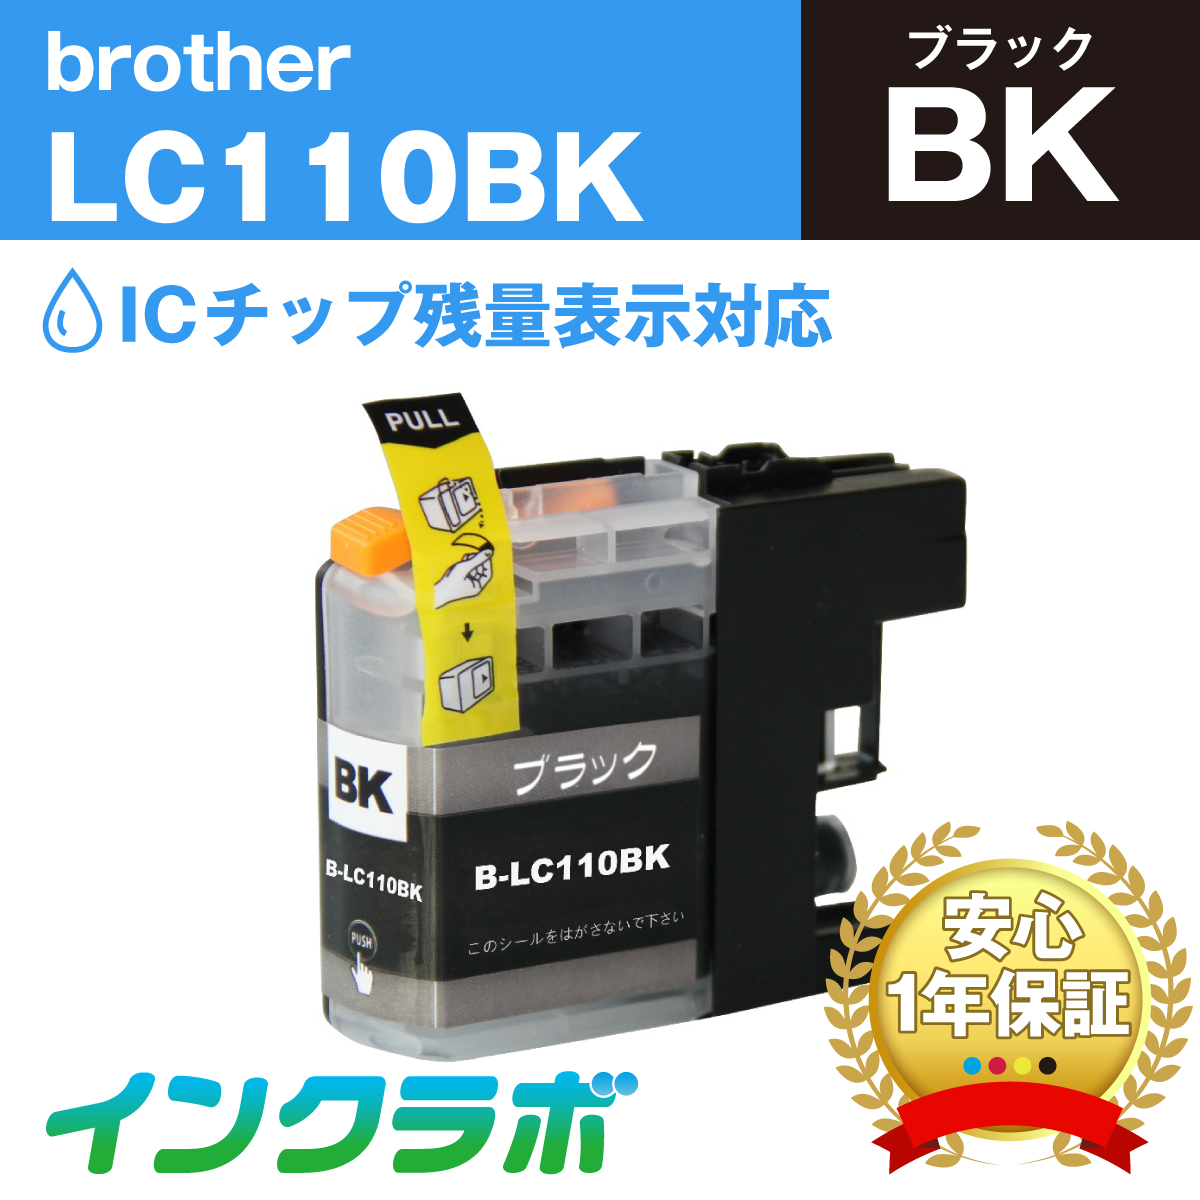 Brother(�֥饶��)�������ȥ�å� LC110BK/�֥�å�